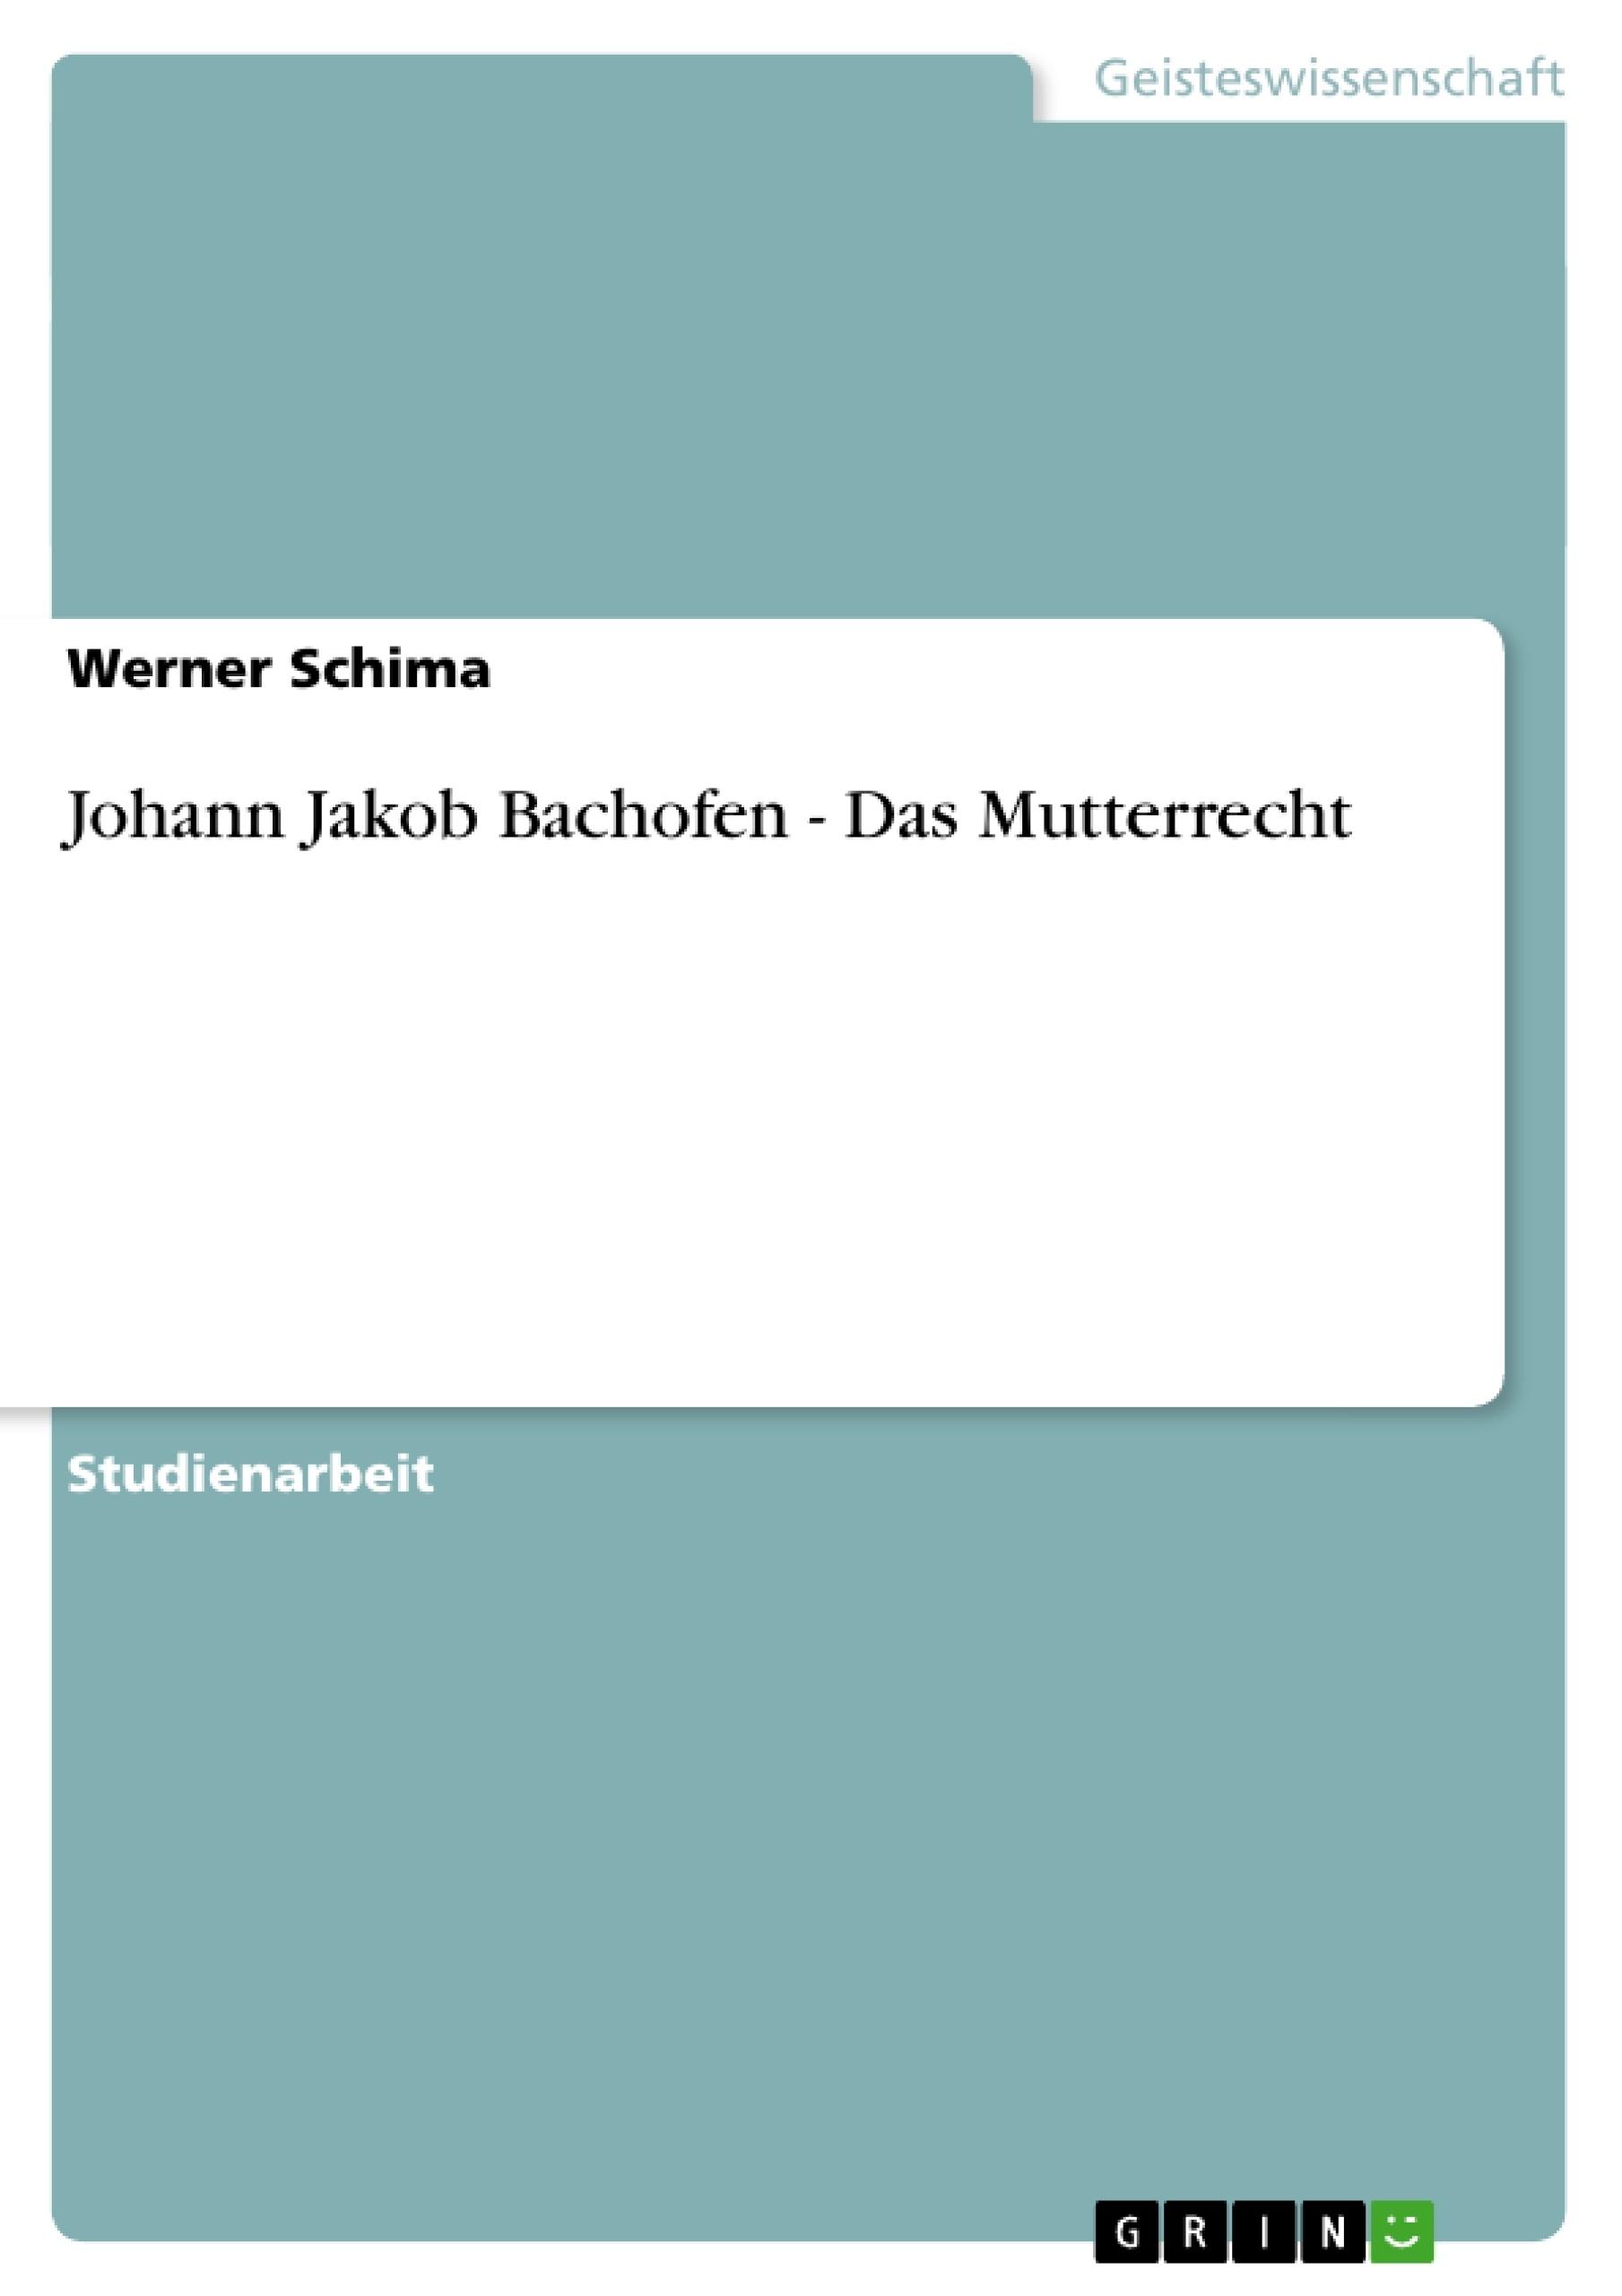 Titel: Johann Jakob Bachofen - Das Mutterrecht